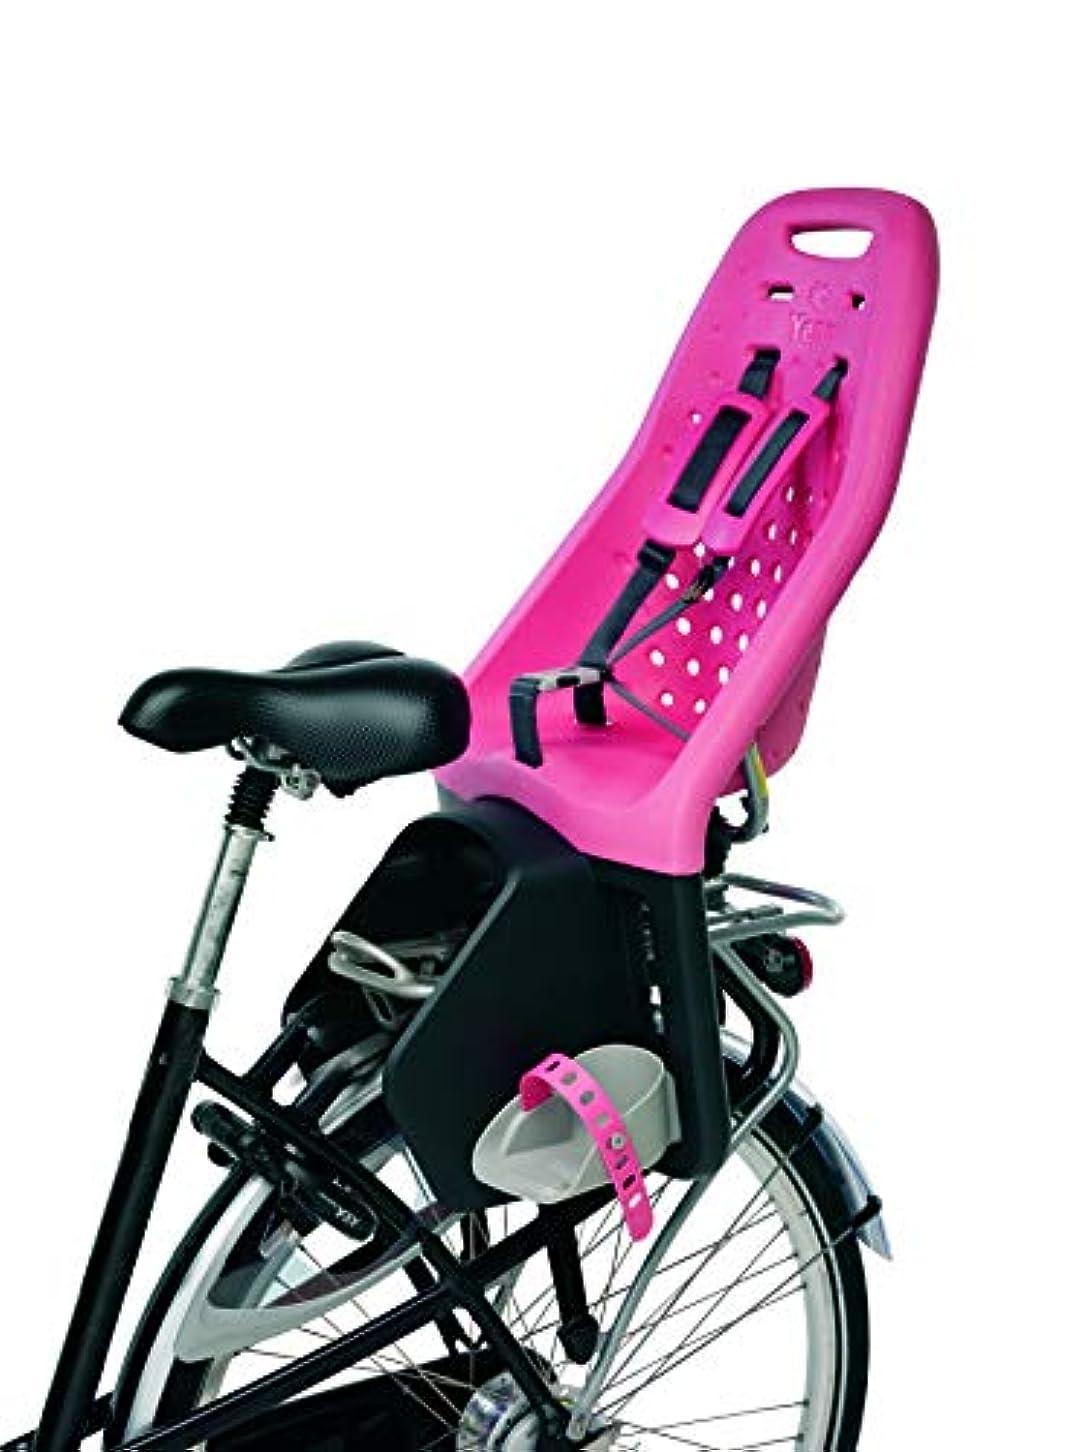 ページ周辺ヘッドレスYepp(イエップ) 後ろ子供のせ 自転車 チャイルドシート 後ろ乗せ キャリア取付タイプ Yepp Maxi Easyfit ピンク